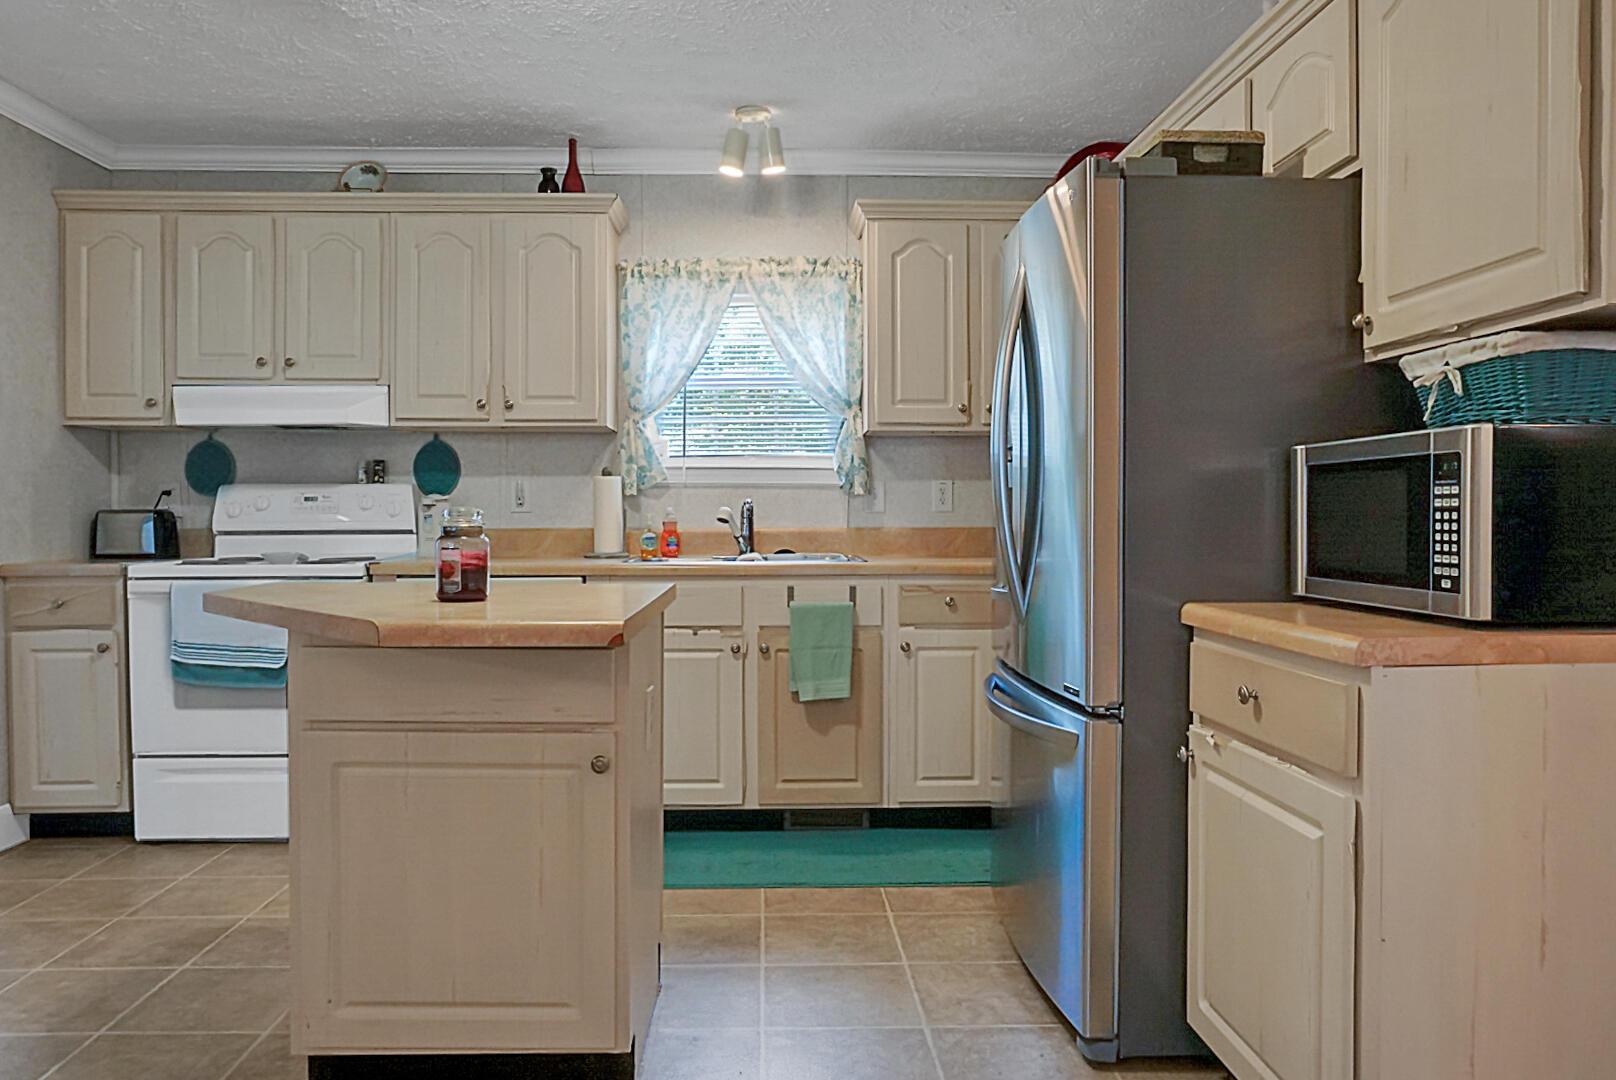 Bonneau Village Homes For Sale - 136 Dawsey, Bonneau, SC - 35